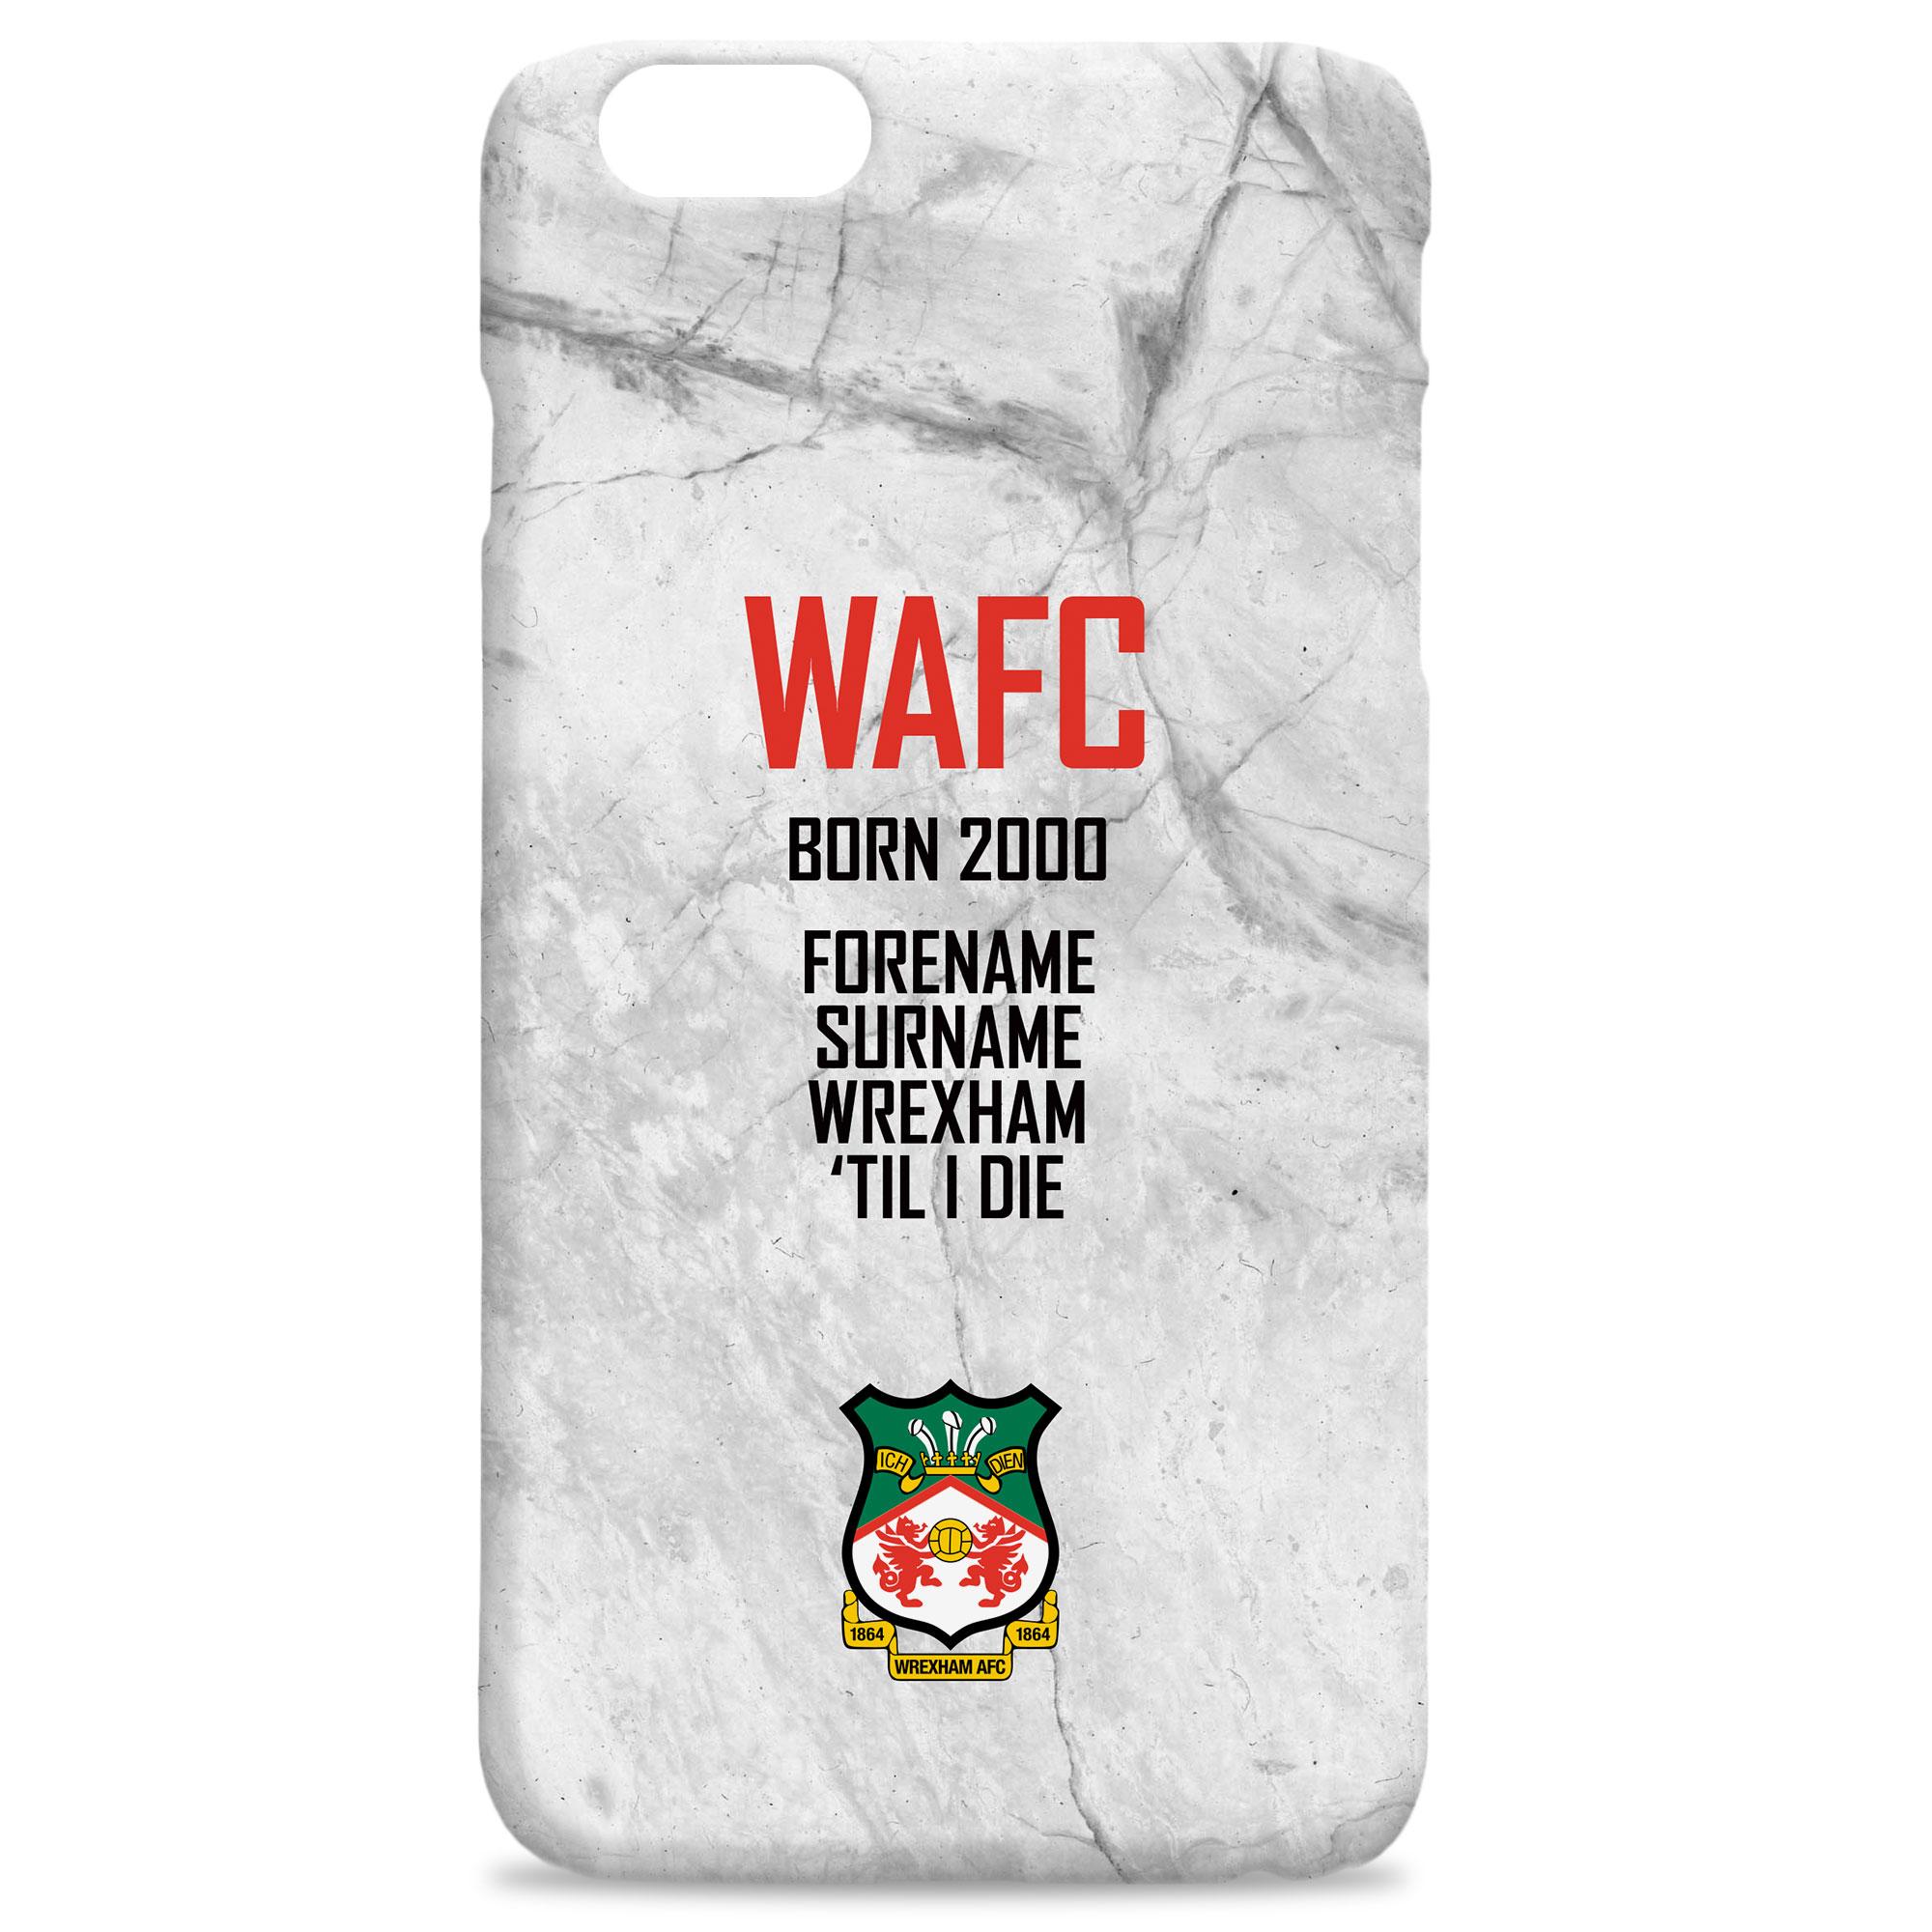 Wrexham AFC 'Til I Die Hard Back Phone Case